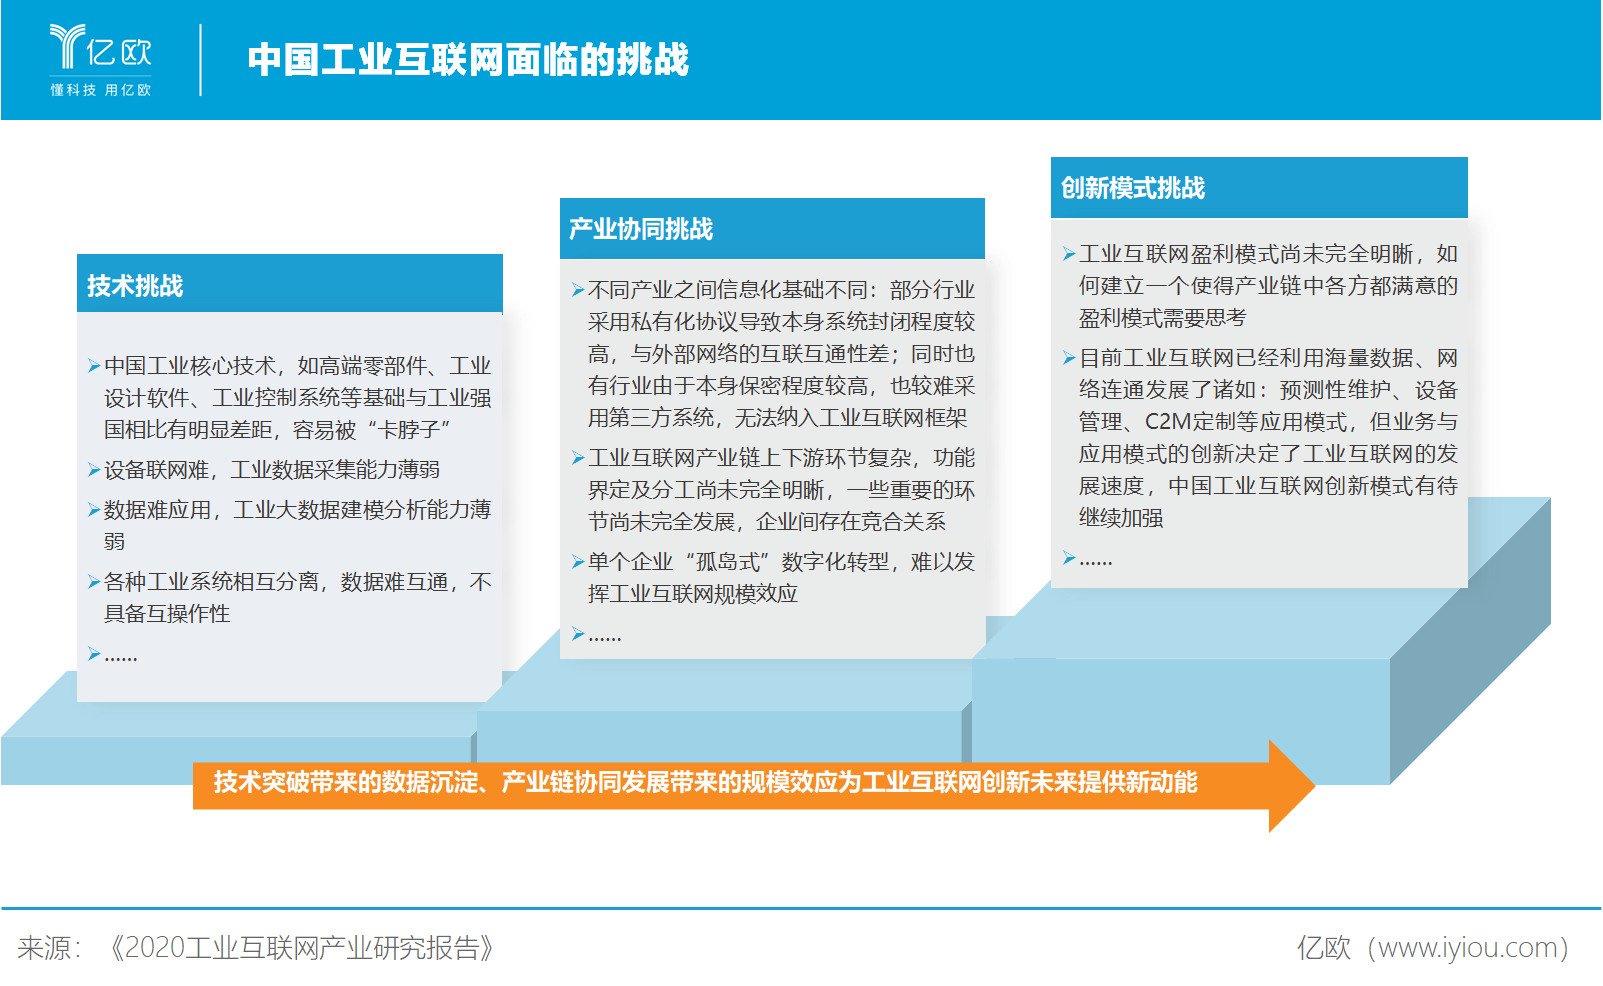 亿欧智库:中国工业互联网面临挑战